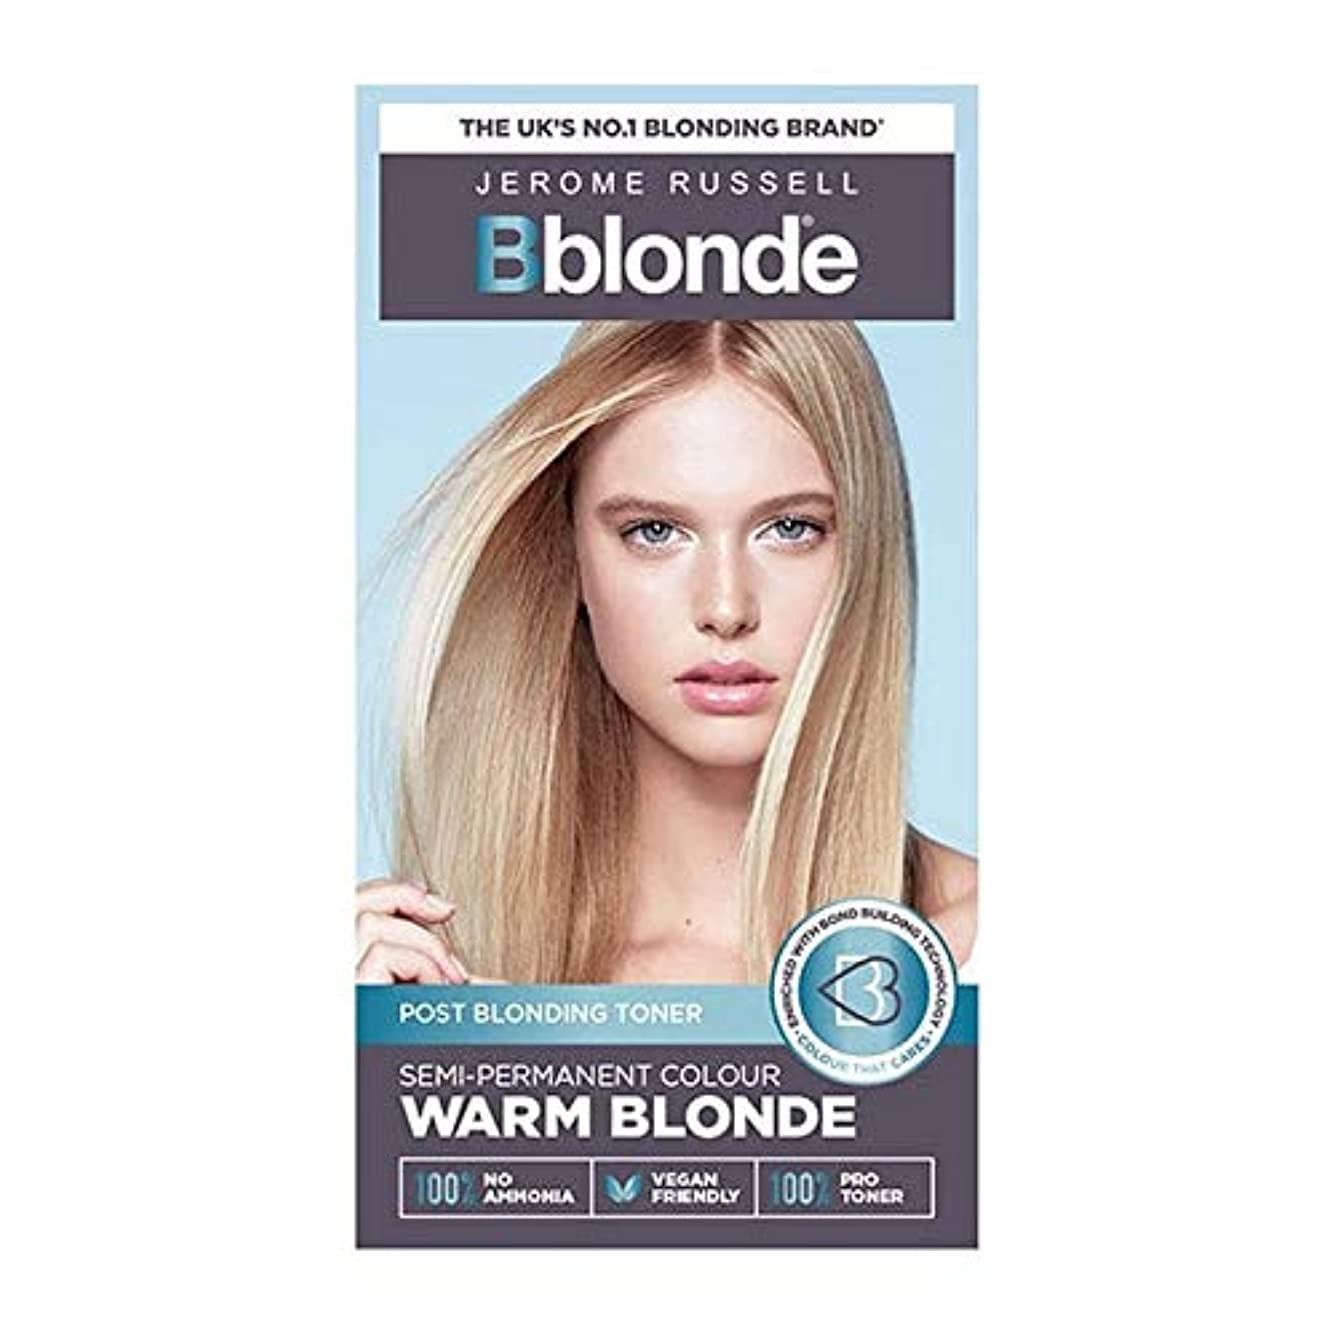 学期ブランデー珍味[Jerome Russell ] ジェロームラッセルBblonde半恒久的なトナー暖かいブロンド - Jerome Russell Bblonde Semi Permanent Toner Warm Blonde [並行輸入品]